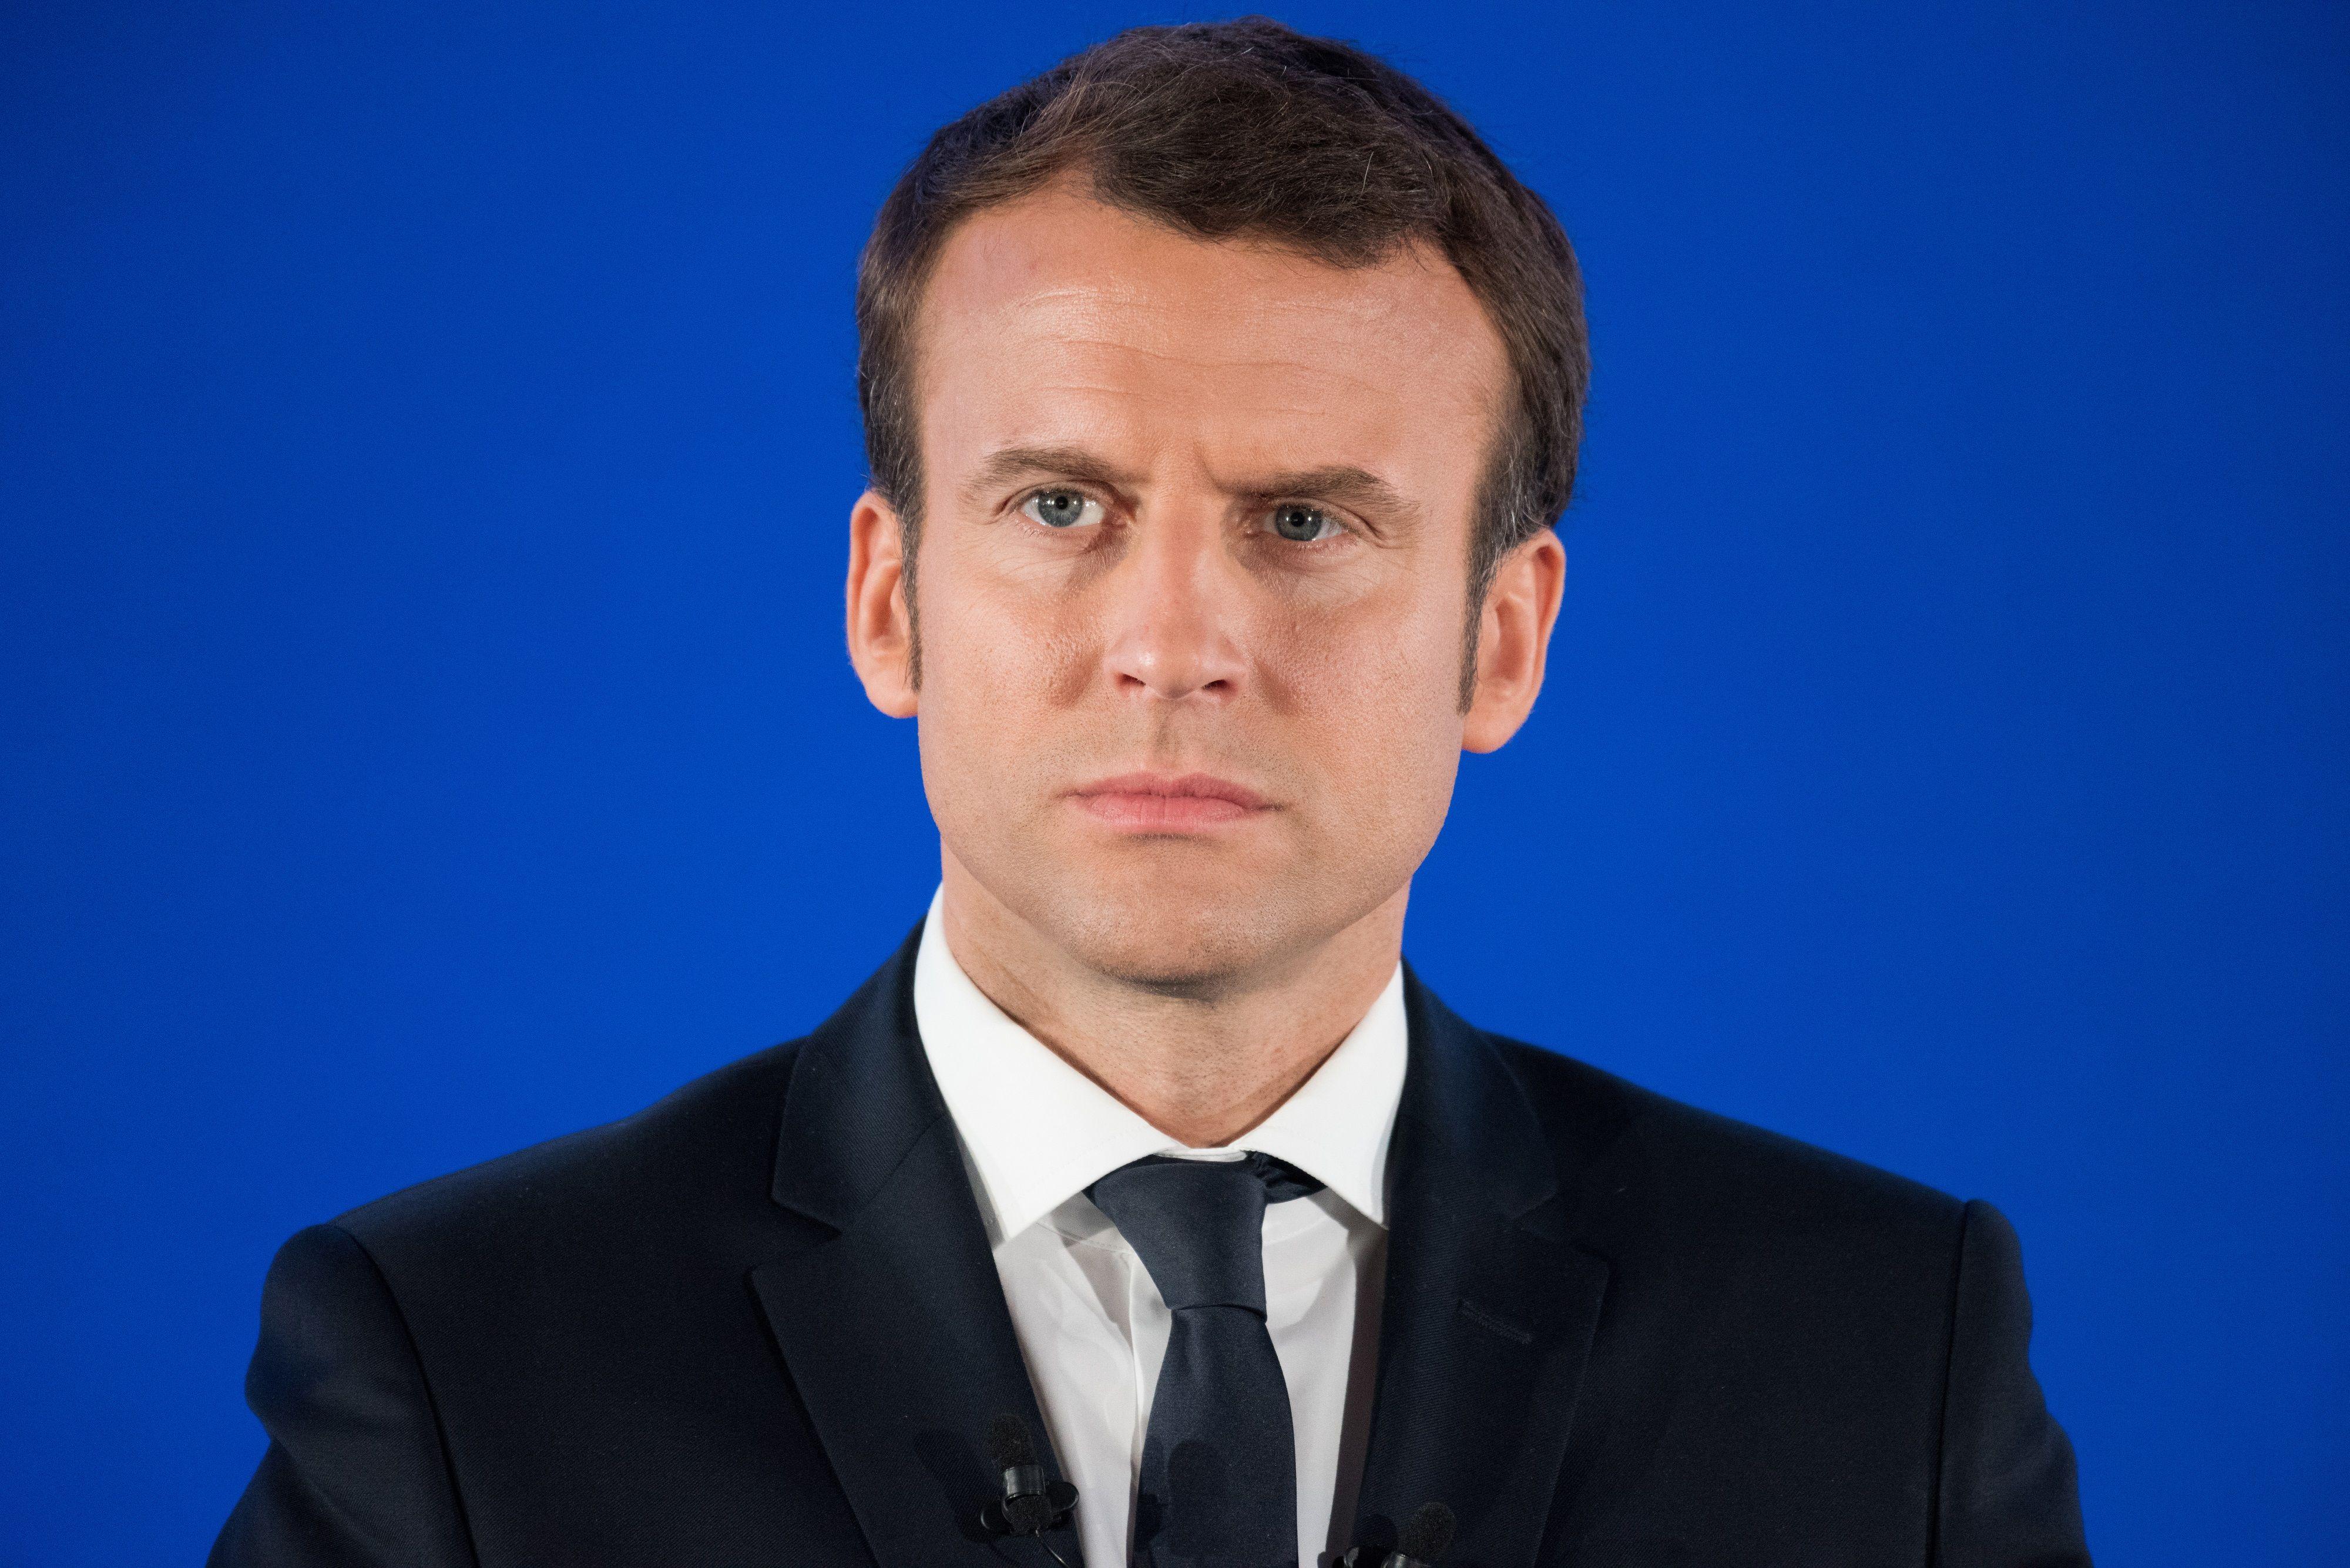 Gilets Jaunes la réponse d'Emmanuel Macron (avec images